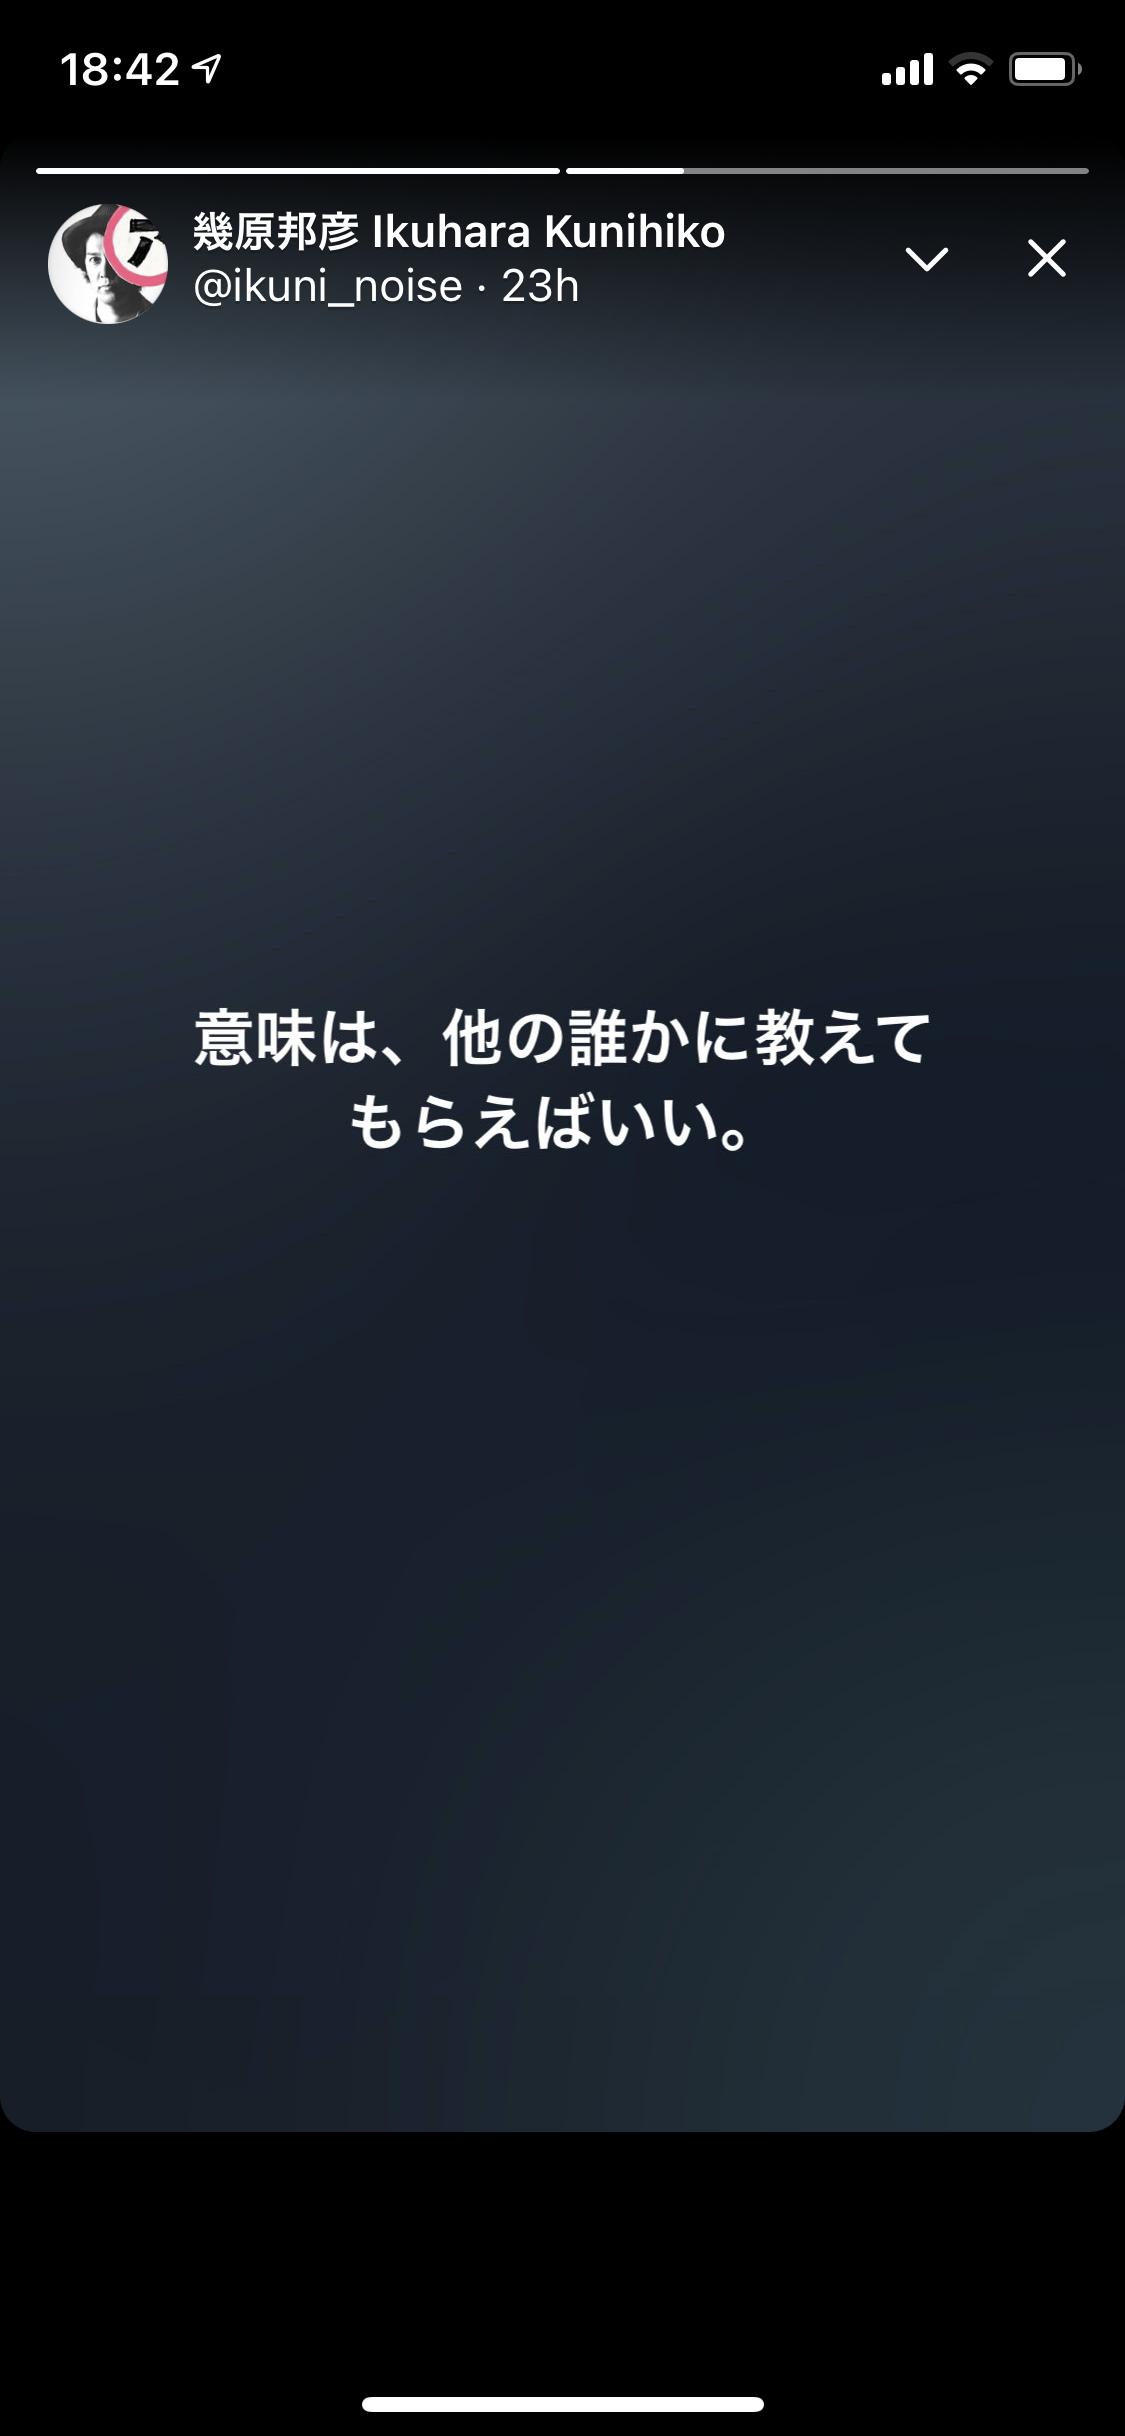 Kunihiko Ikuhara en Twitter